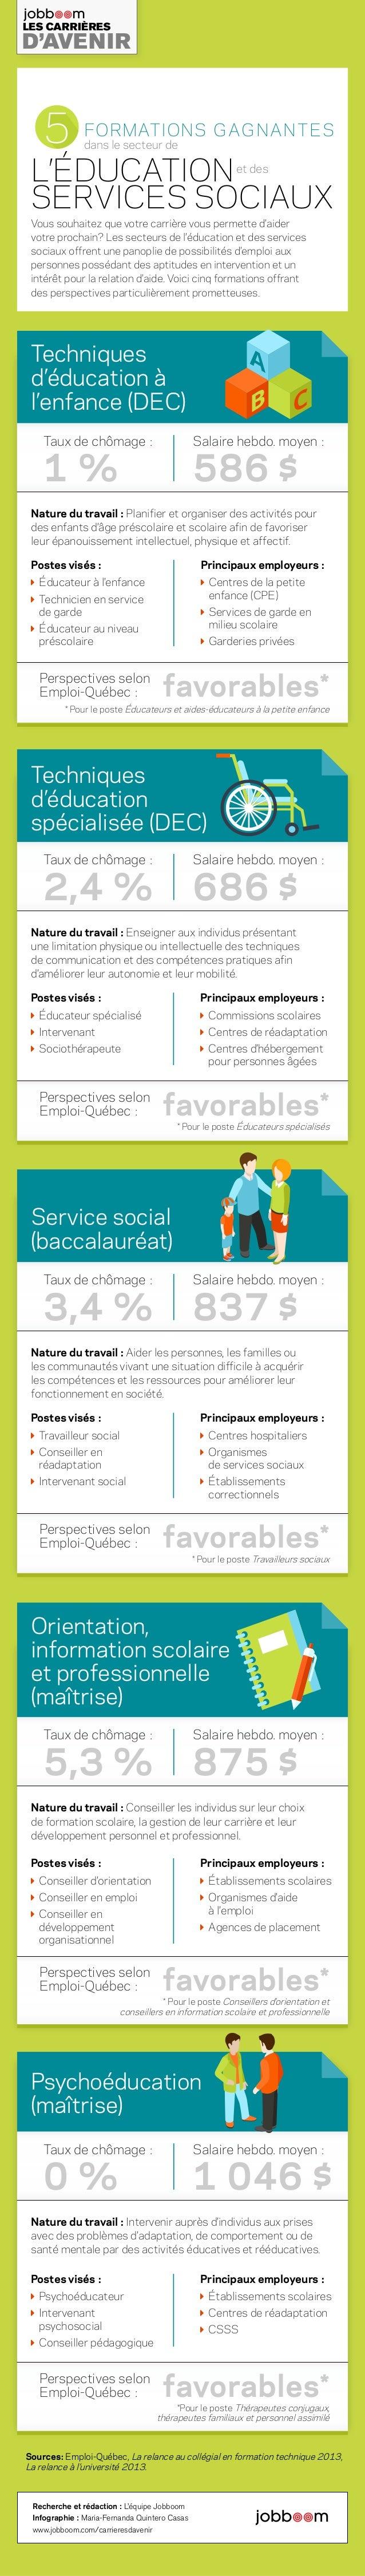 Sources: Emploi-Québec, La relance au collégial en formation technique 2013, La relance à l'université 2013. SERVICES SOCI...